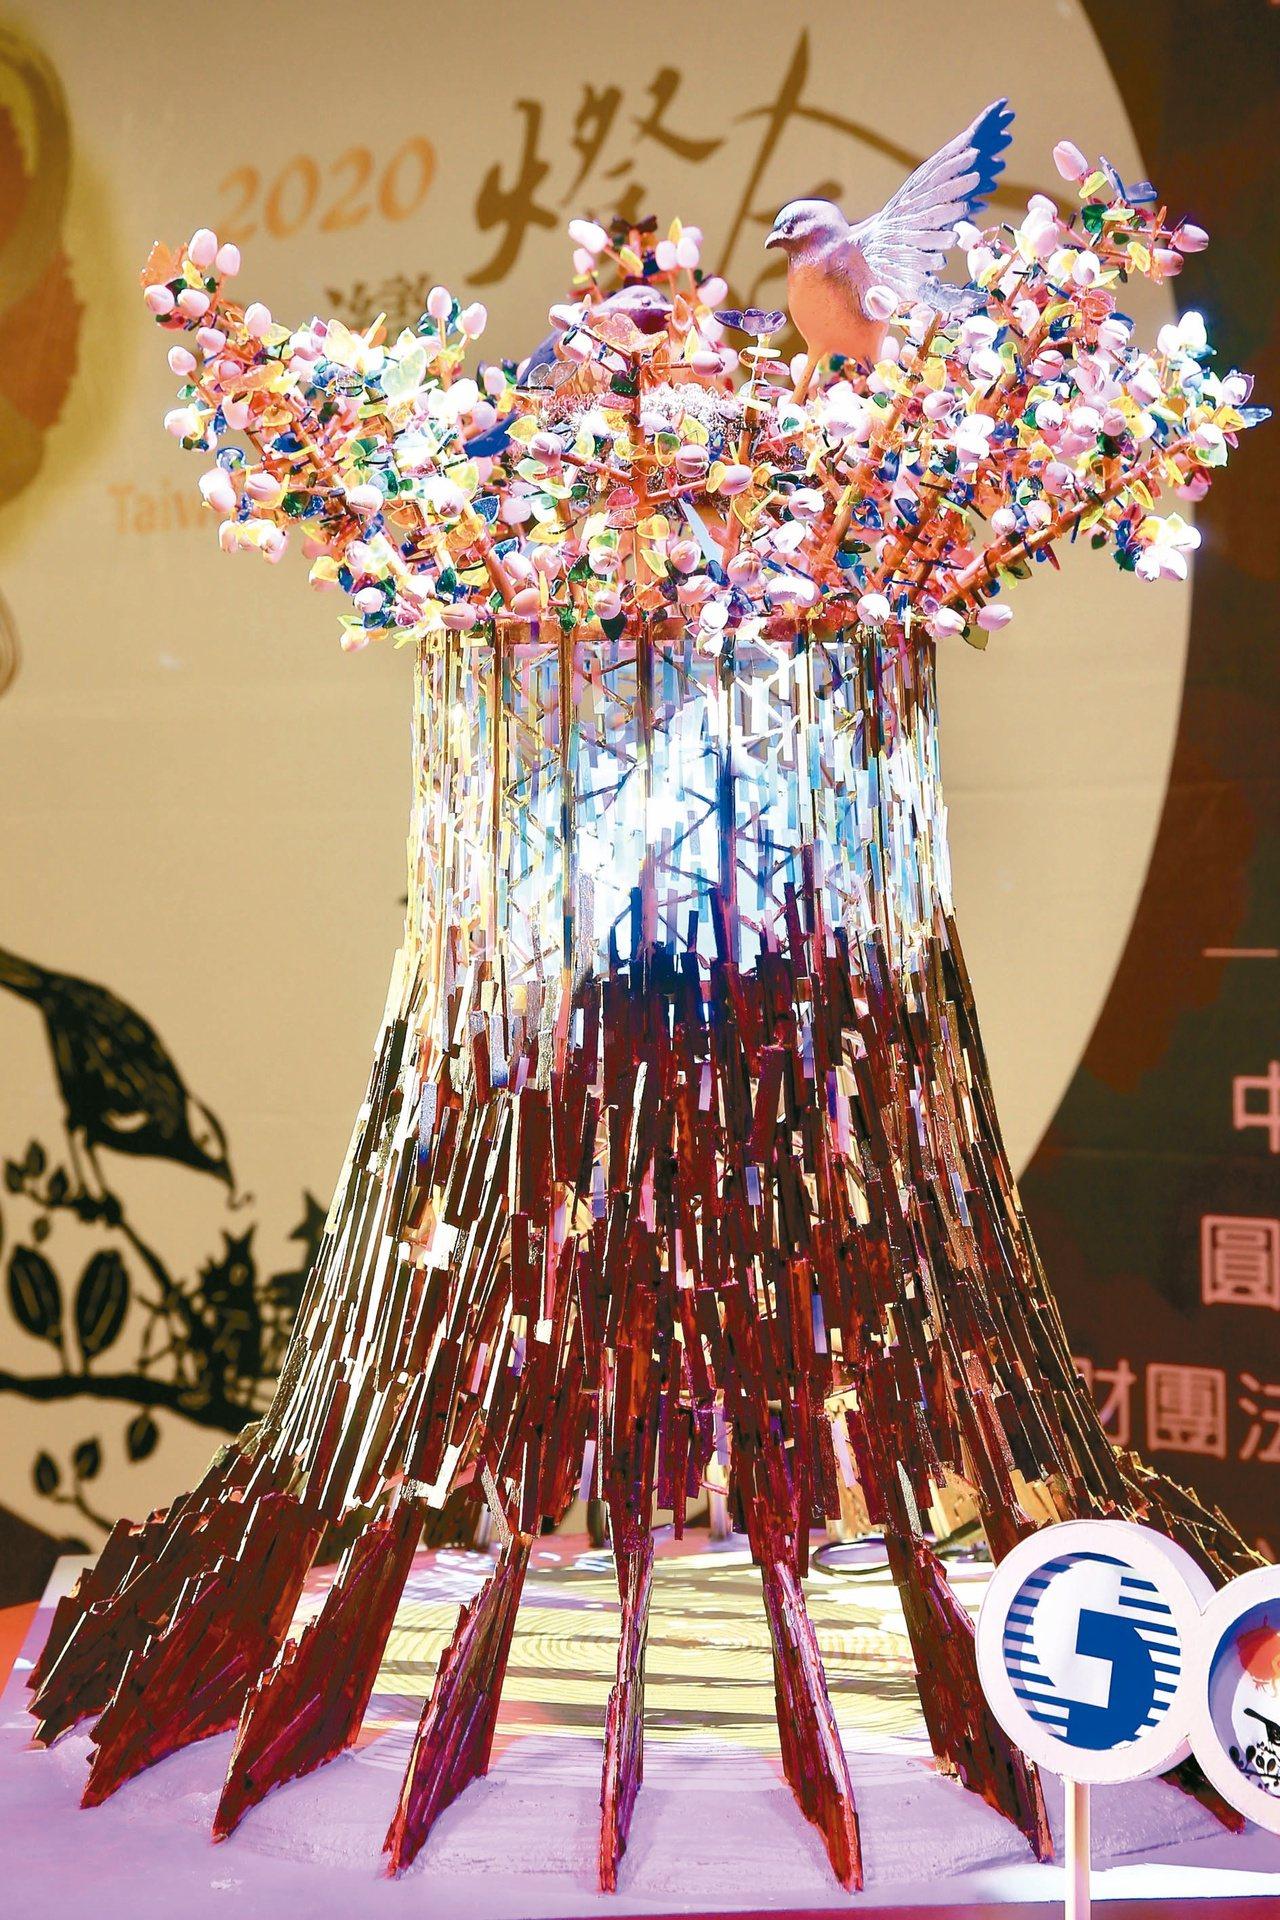 2020台灣燈會主燈和小提燈昨首度曝光,主燈「森生守護-光之樹」結合在地元素,並...